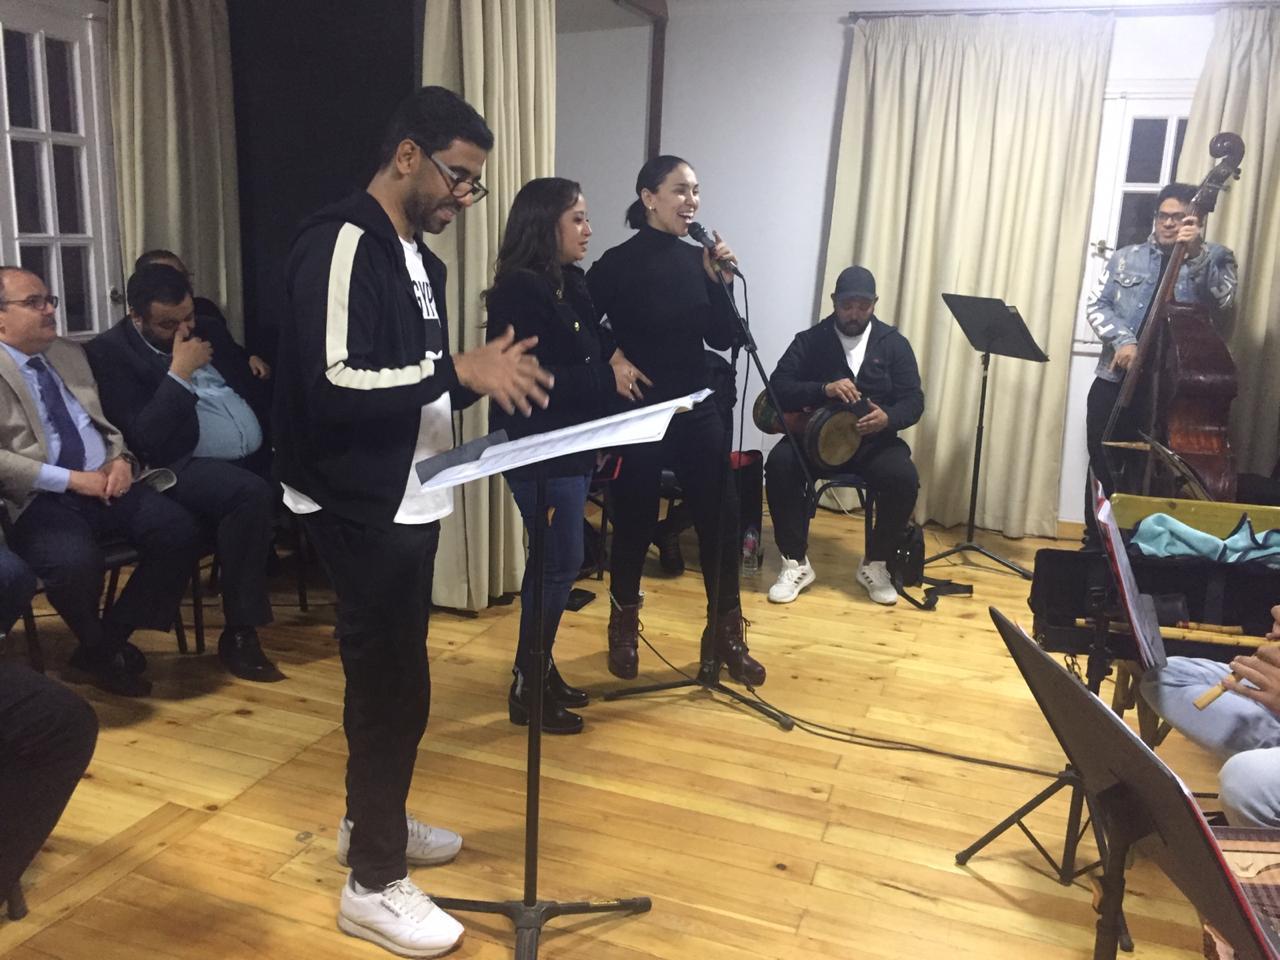 بروڤات حفل ليلة حب بقيادة المايسترو محمد عثمان (1)